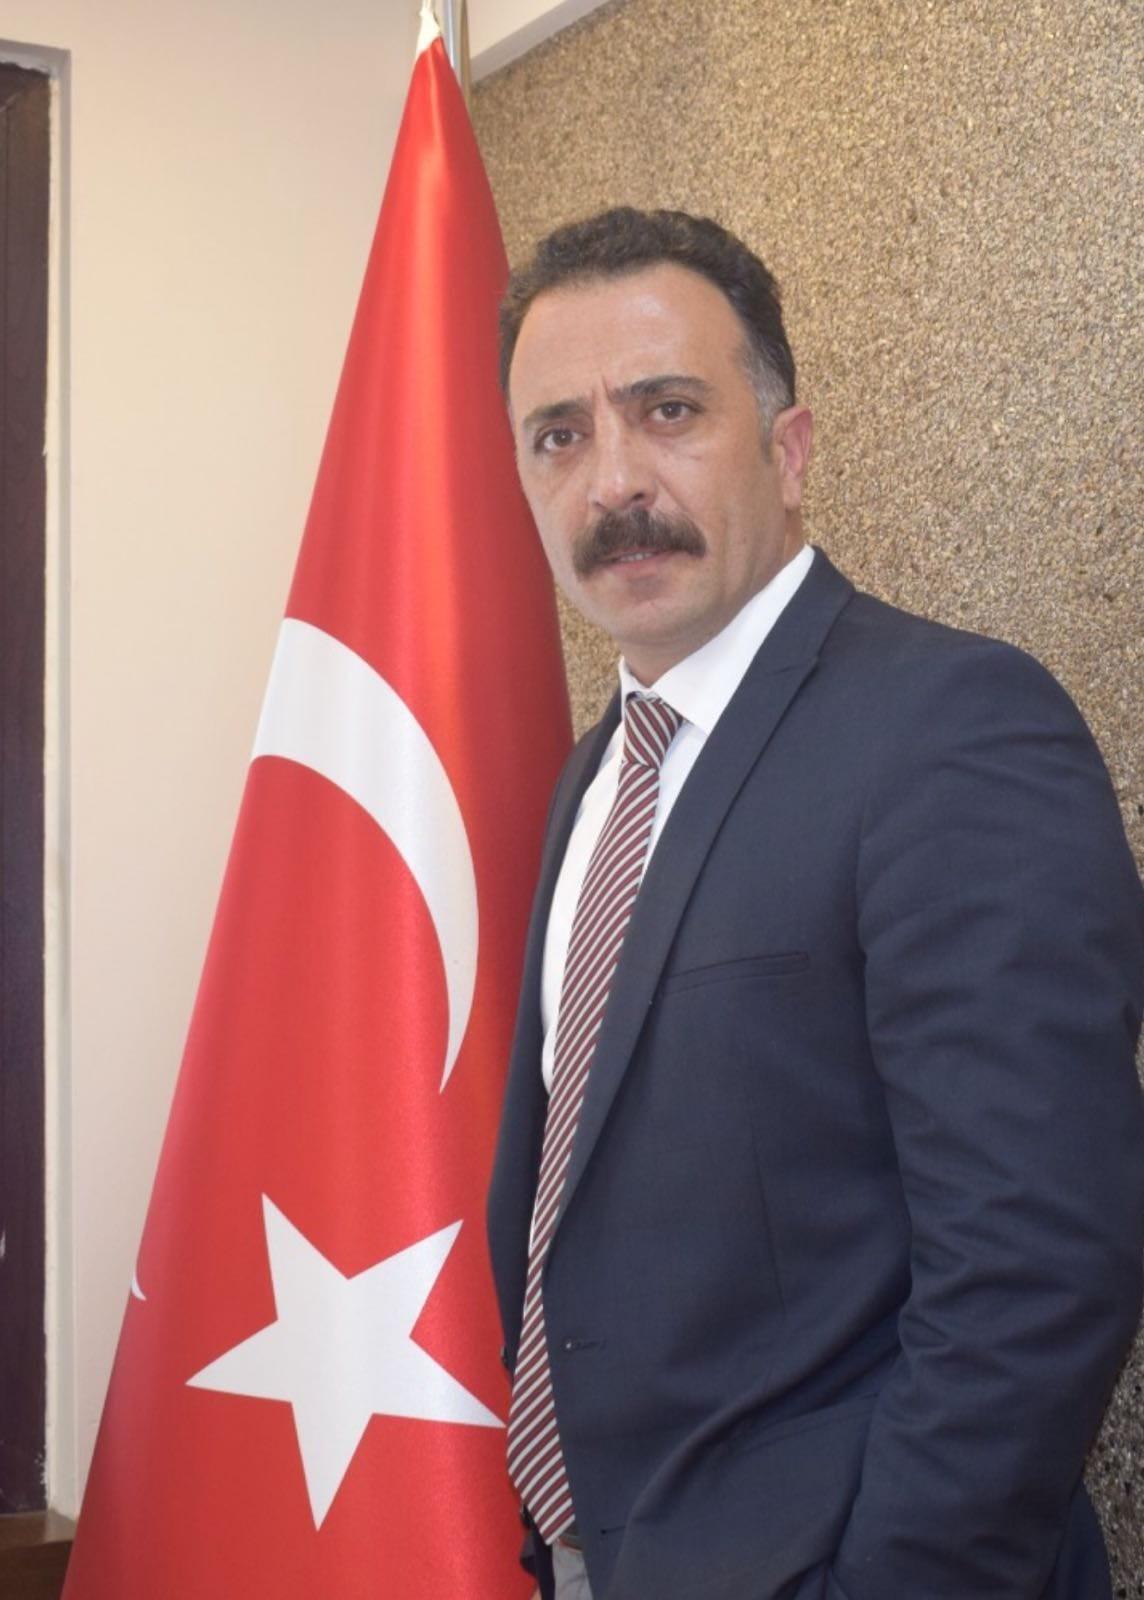 Sağlık-Sen İzmir 1 Nolu Şubeden 15 Temmuz Açıklaması